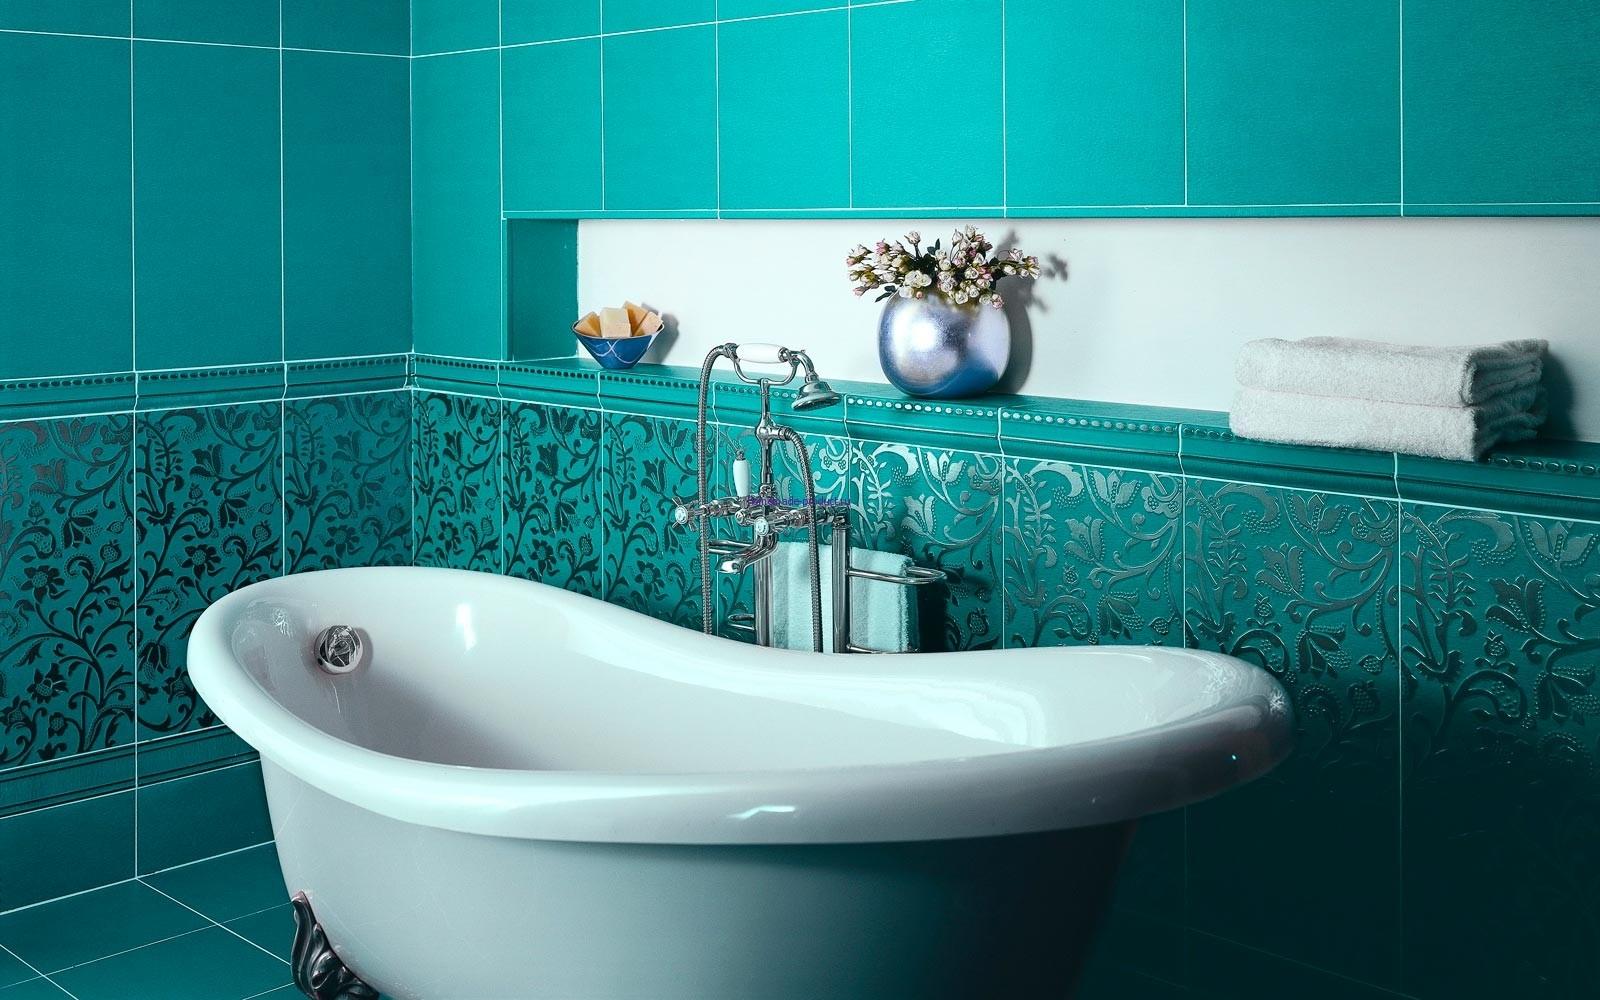 Кафельная плитка яркого и насыщенного бирюзового цвета для ванной комнаты